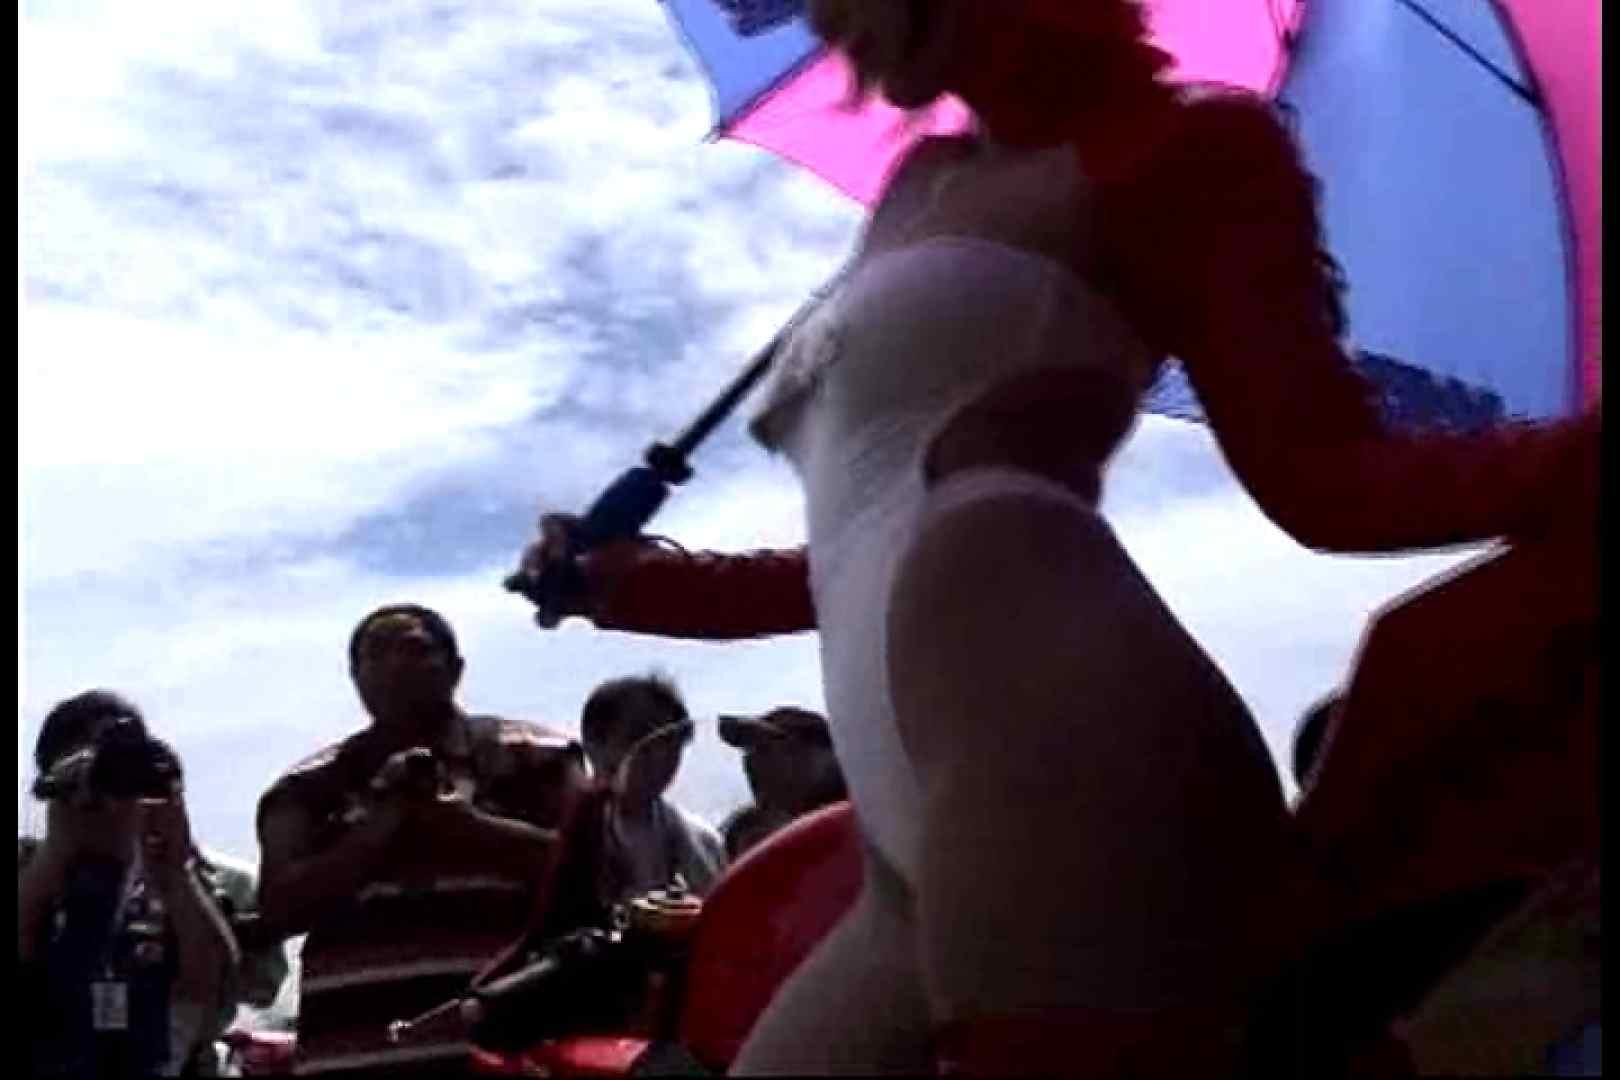 RQカメラ地獄Vol.5 レースクイーン  55連発 22